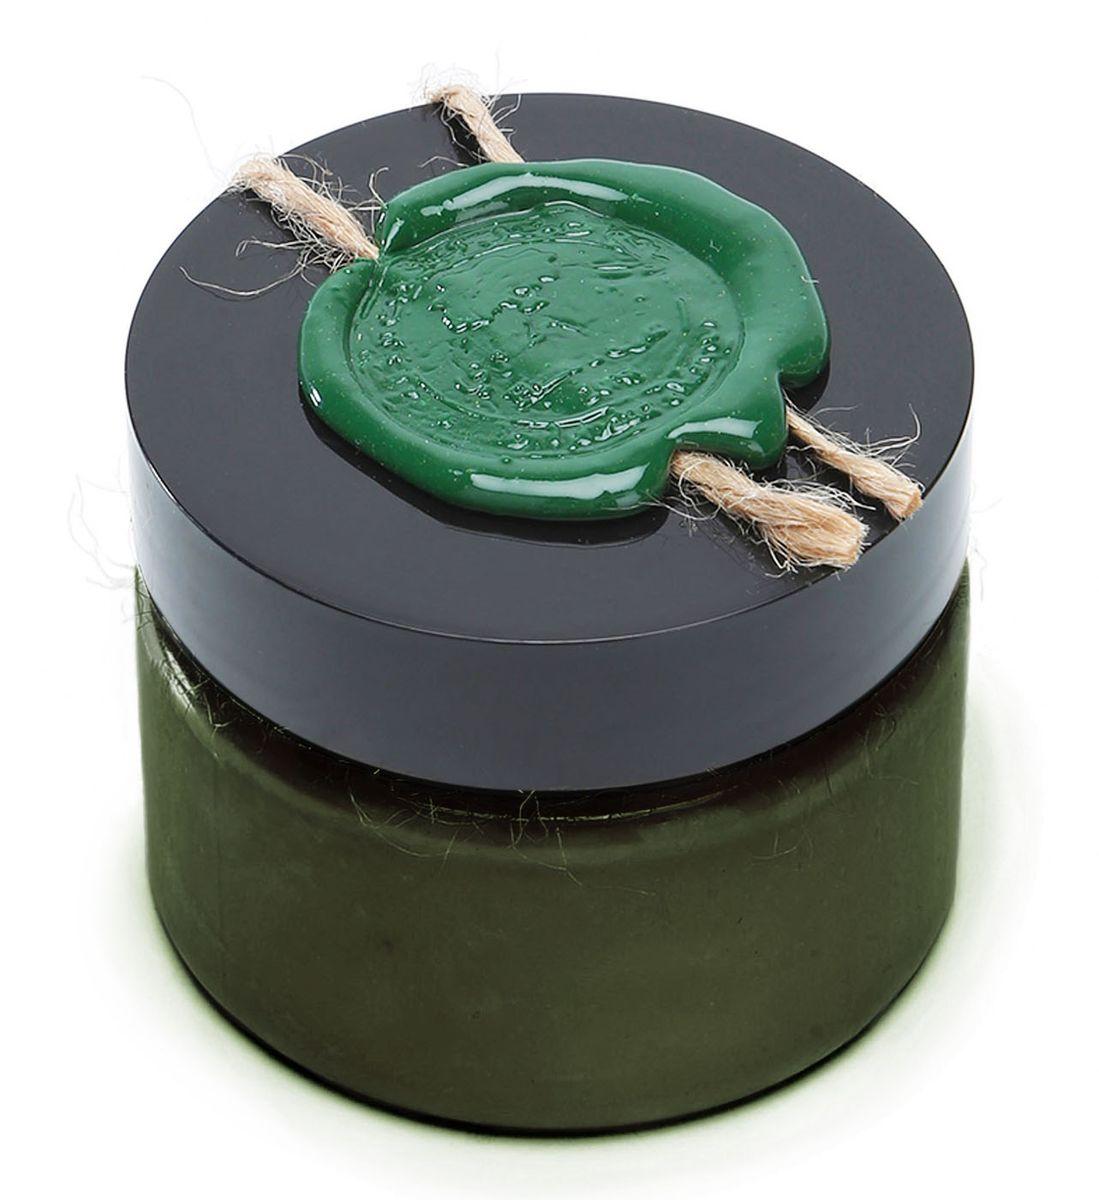 Huilargan Марокканское черное мыло Бельди с маслом эвкалипта, 100 г5750Марокканское черное мыло Бельди обогащено маслом эвкалипта - это на все 100 натуральное косметическое мыло растительного происхождения. Это настоящее черное мыло - густая масса с приятным запахом, которая служит в 5 раз дольше аналогов, так как содержит меньше воды.Марокканское черное мыло - богато витамином Е, глубоко очищает кожу и поры, растворяет загрязнения и отмершие клетки; обладает увлажняющим, успокаивающим и смягчающим свойствами; подходит для всех типов кожи; не раздражает и не сушит кожу. В Марокко используют черное мыло в основном в хаммамах, но его также можно использовать в ванной.